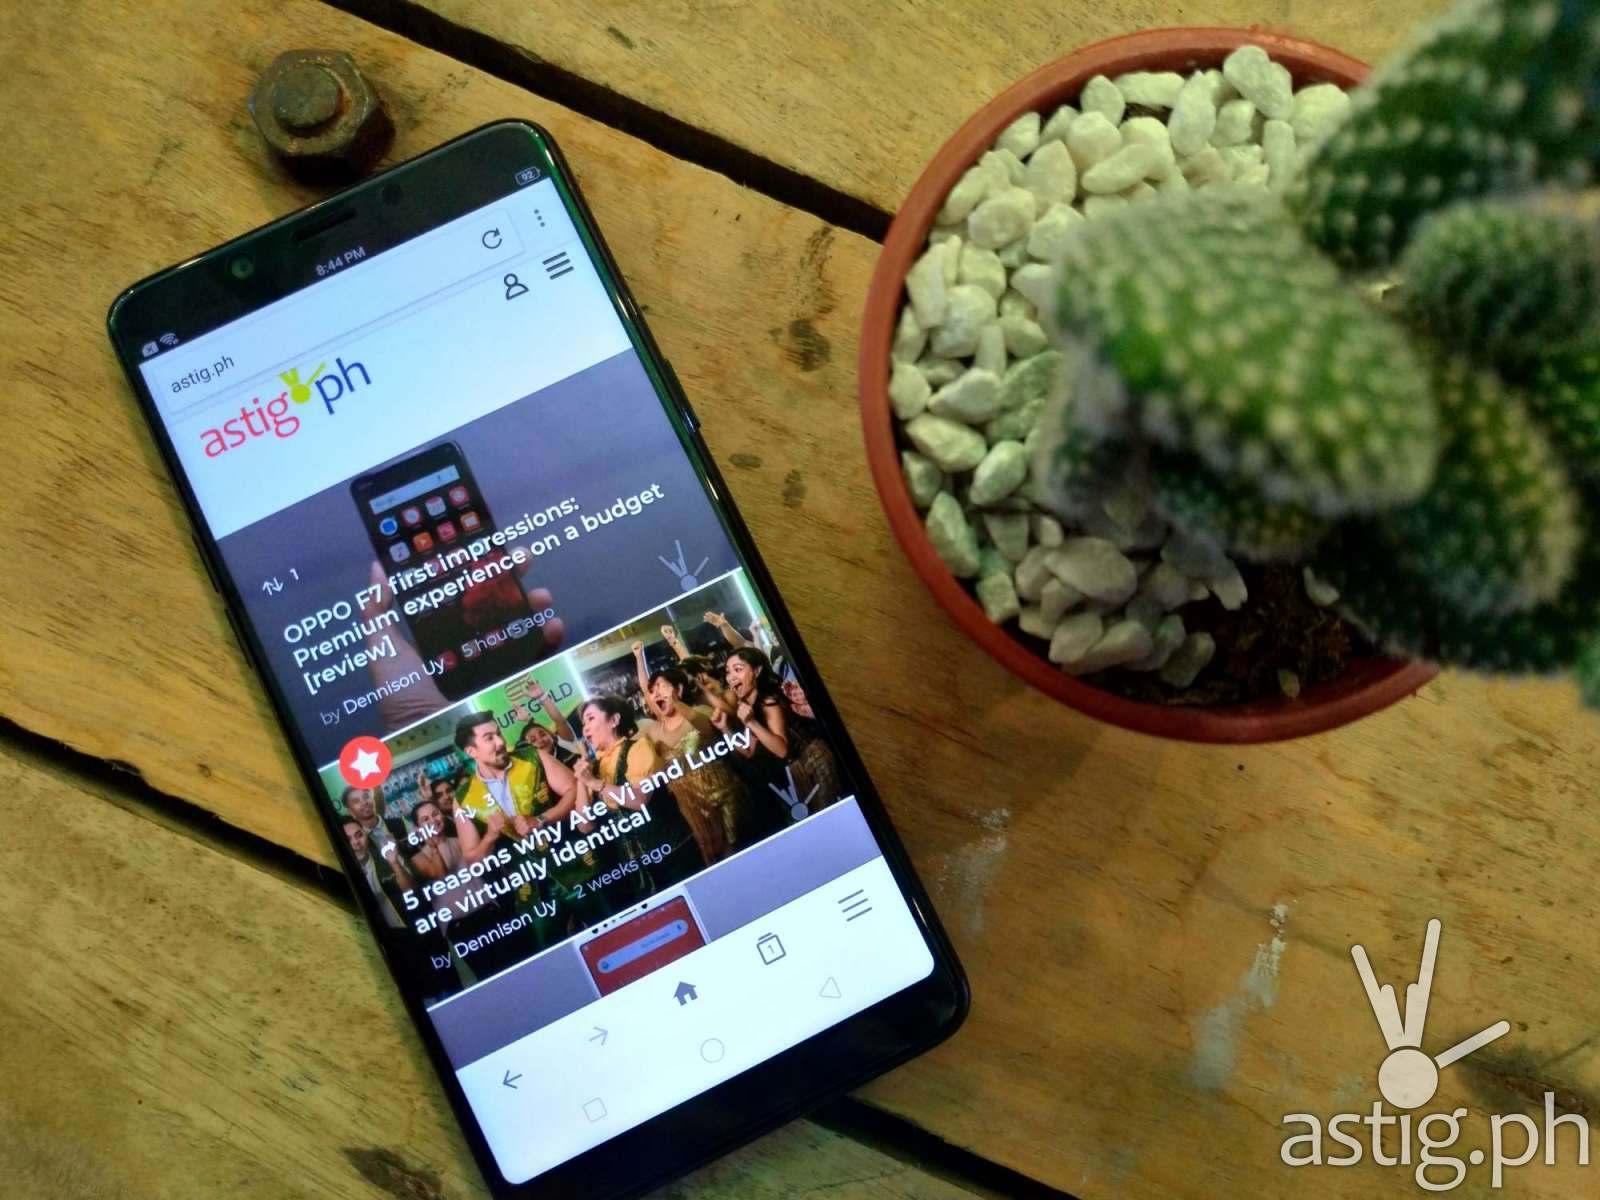 Zenfone 5 sample photo - low-light HDR (indoors)